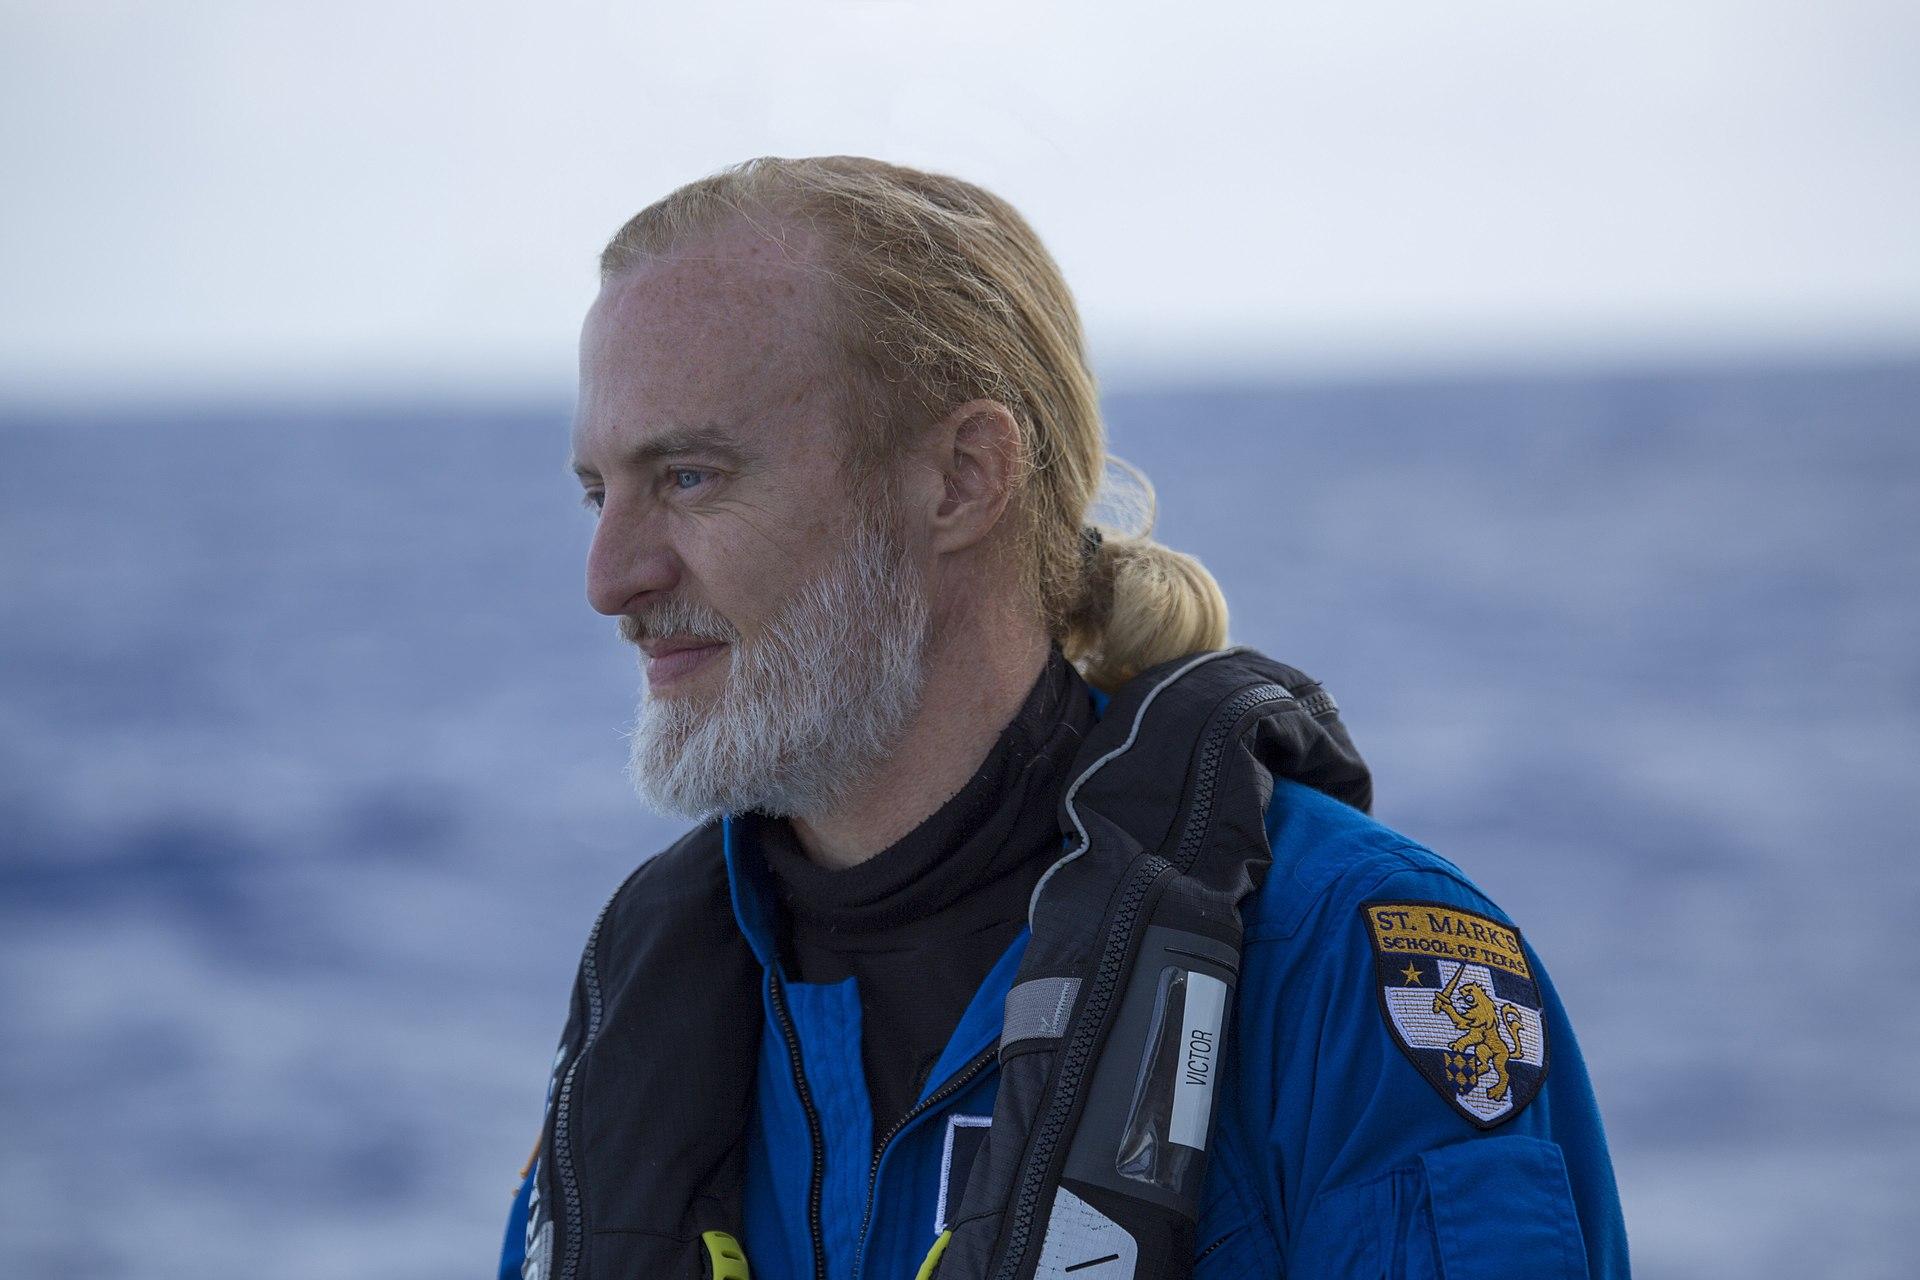 Αυτός είναι ο πρώτος άνθρωπος που επισκέφθηκε τα βαθύτερα σημεία και των πέντε ωκεανών